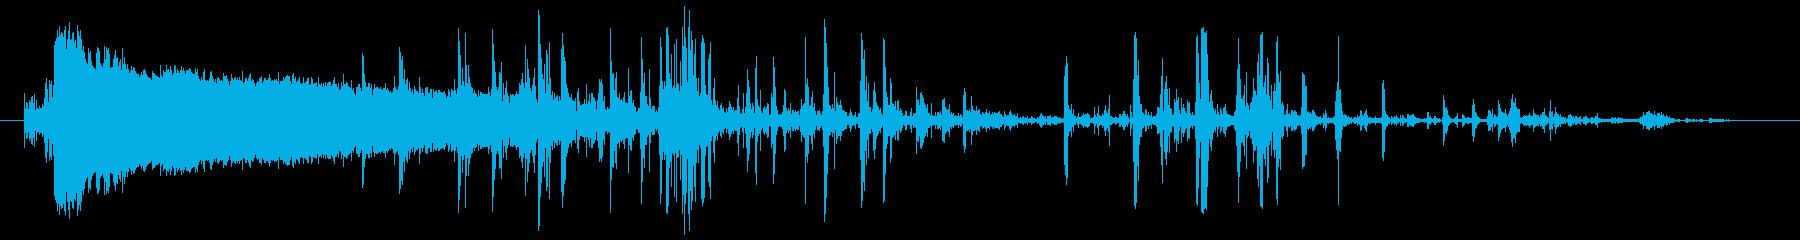 ホラー・スプラッター・骨折3の再生済みの波形